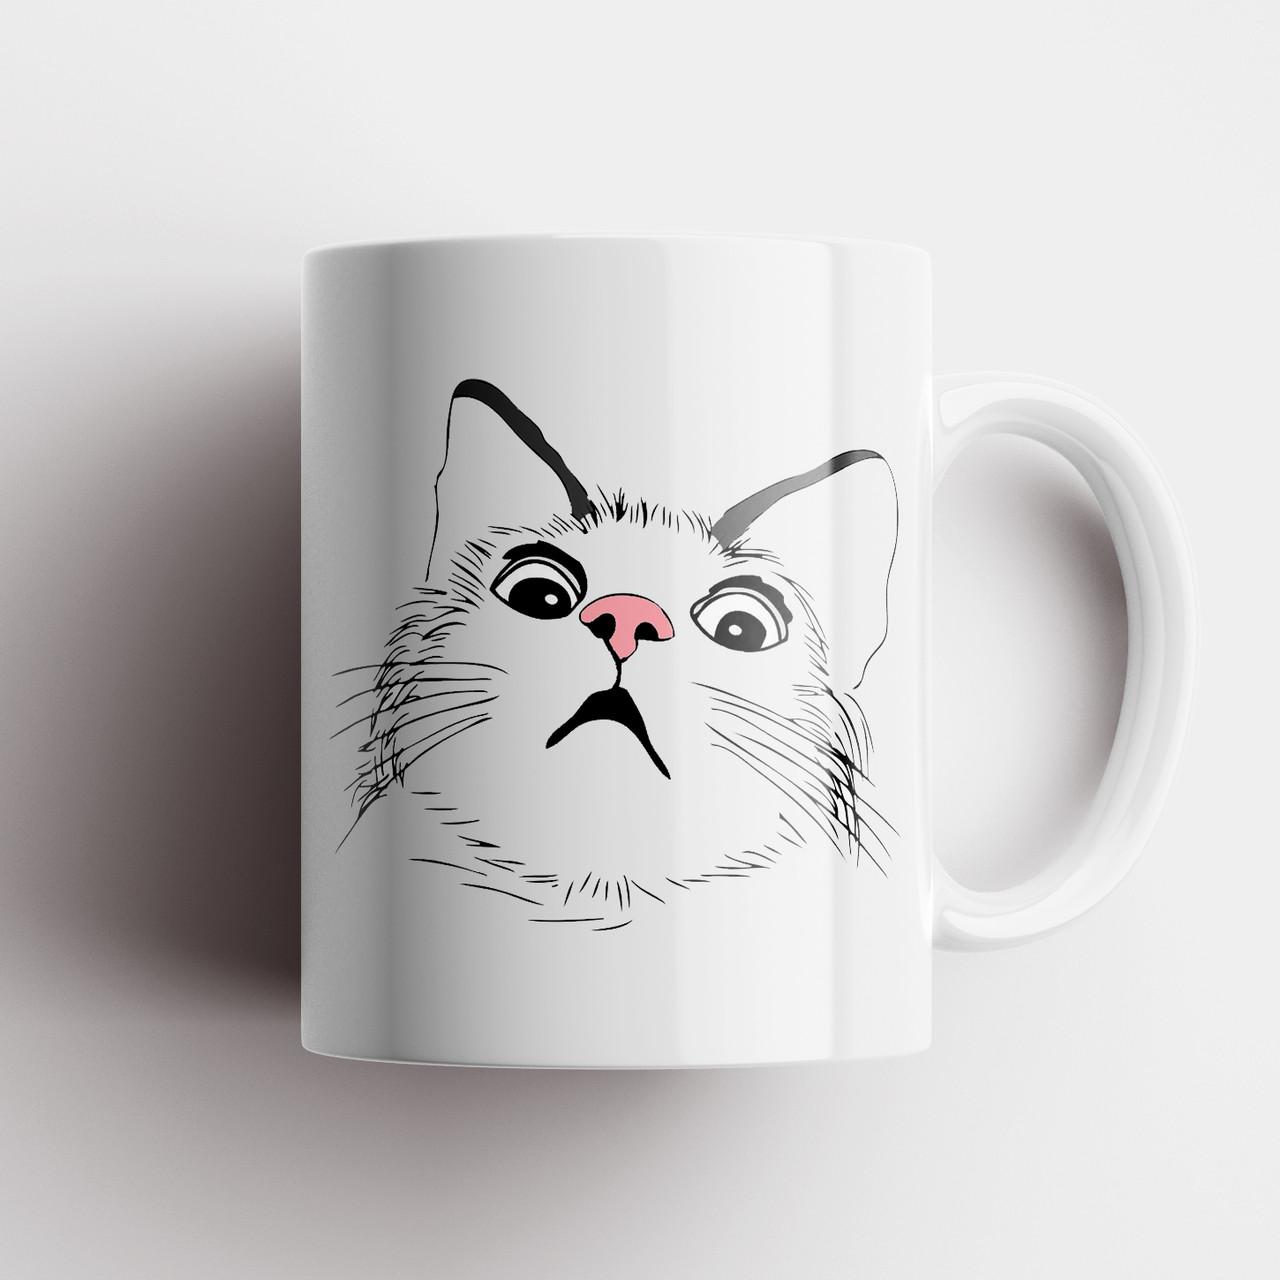 Кружка с котом. Чашка с принтом Кот. Чашка с фото